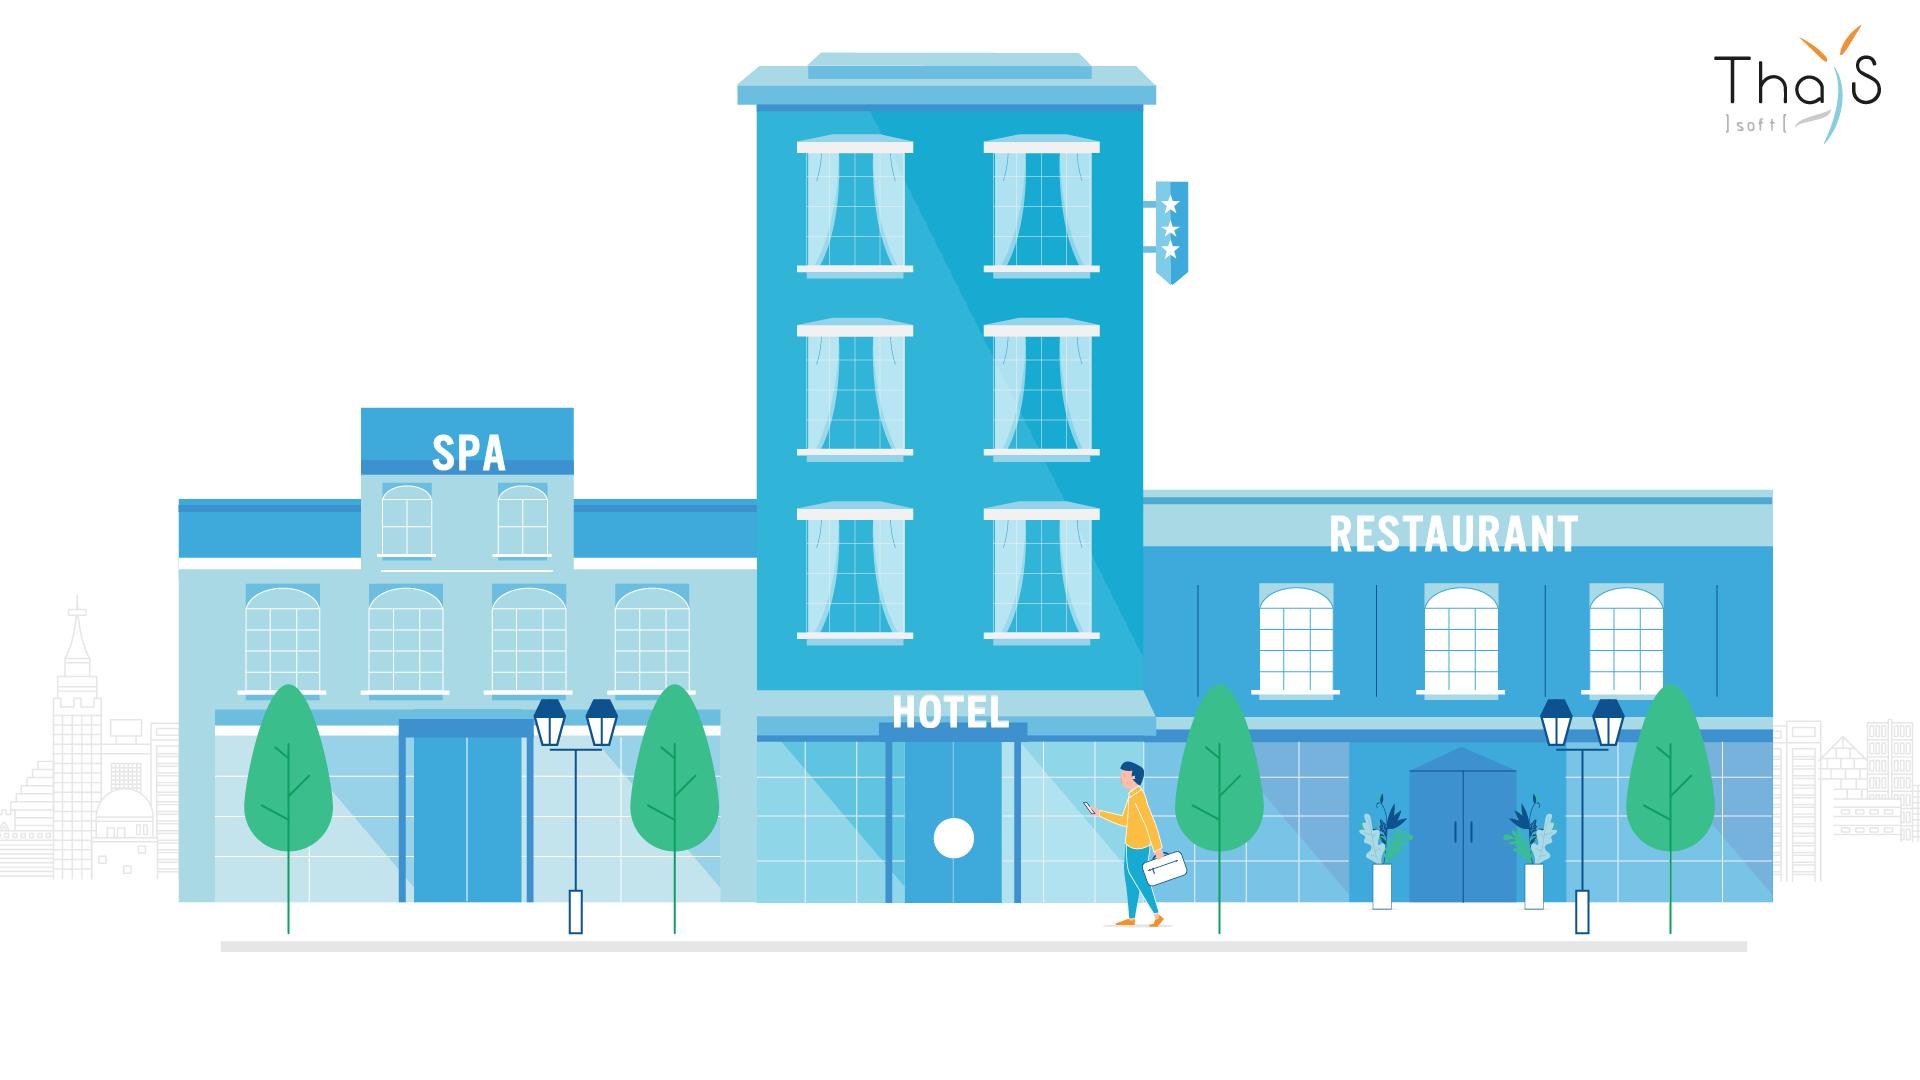 Avis Thaïs-PMS : Le logiciel de gestion spécial hôtellerie-restauration - Appvizer